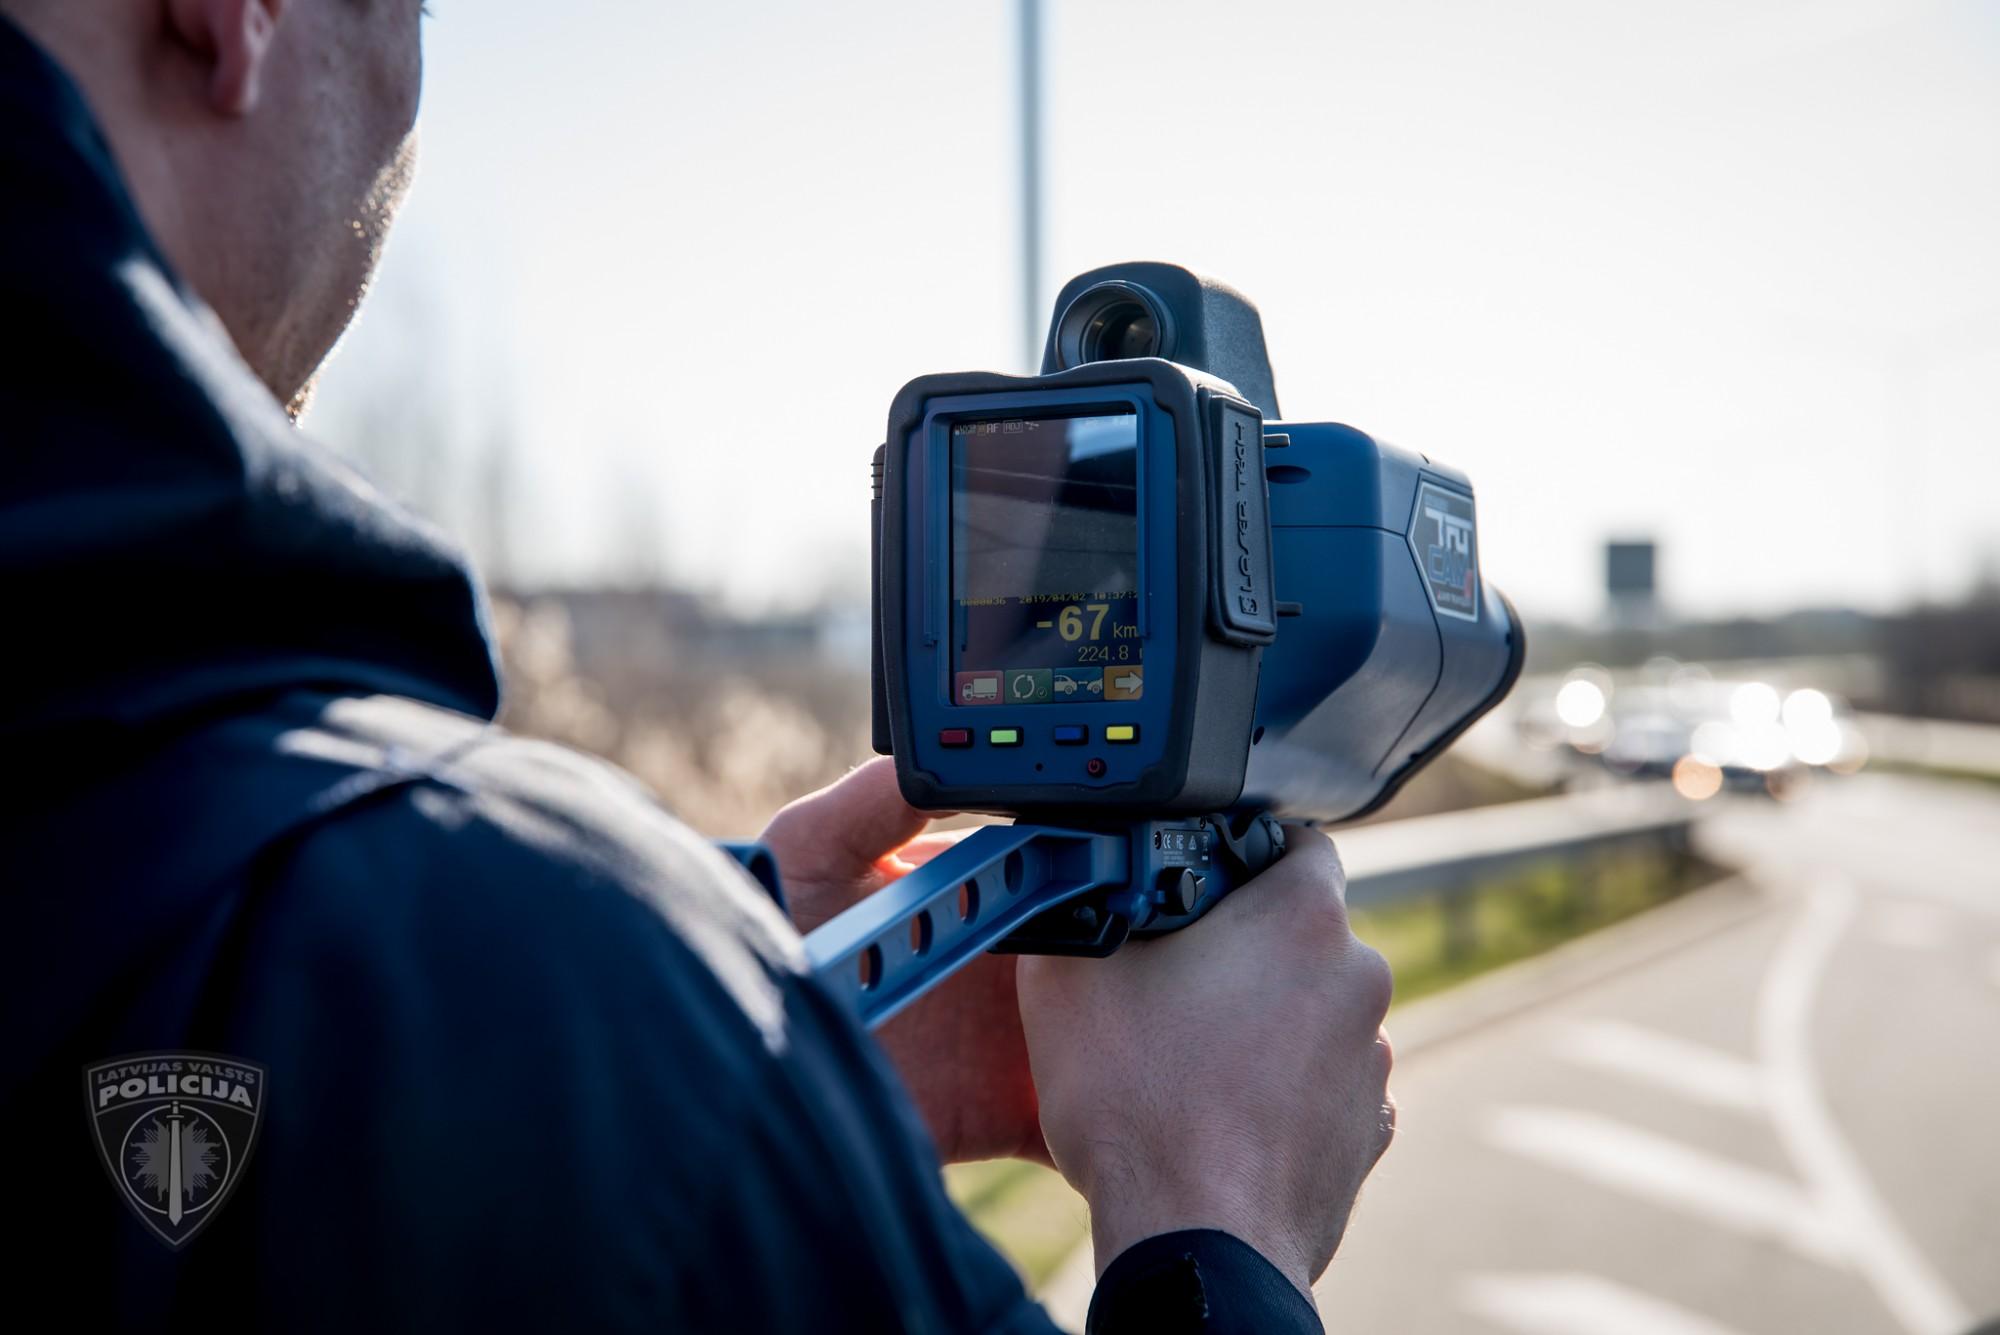 Arī Liepājas policijai divi jauni rokas radari